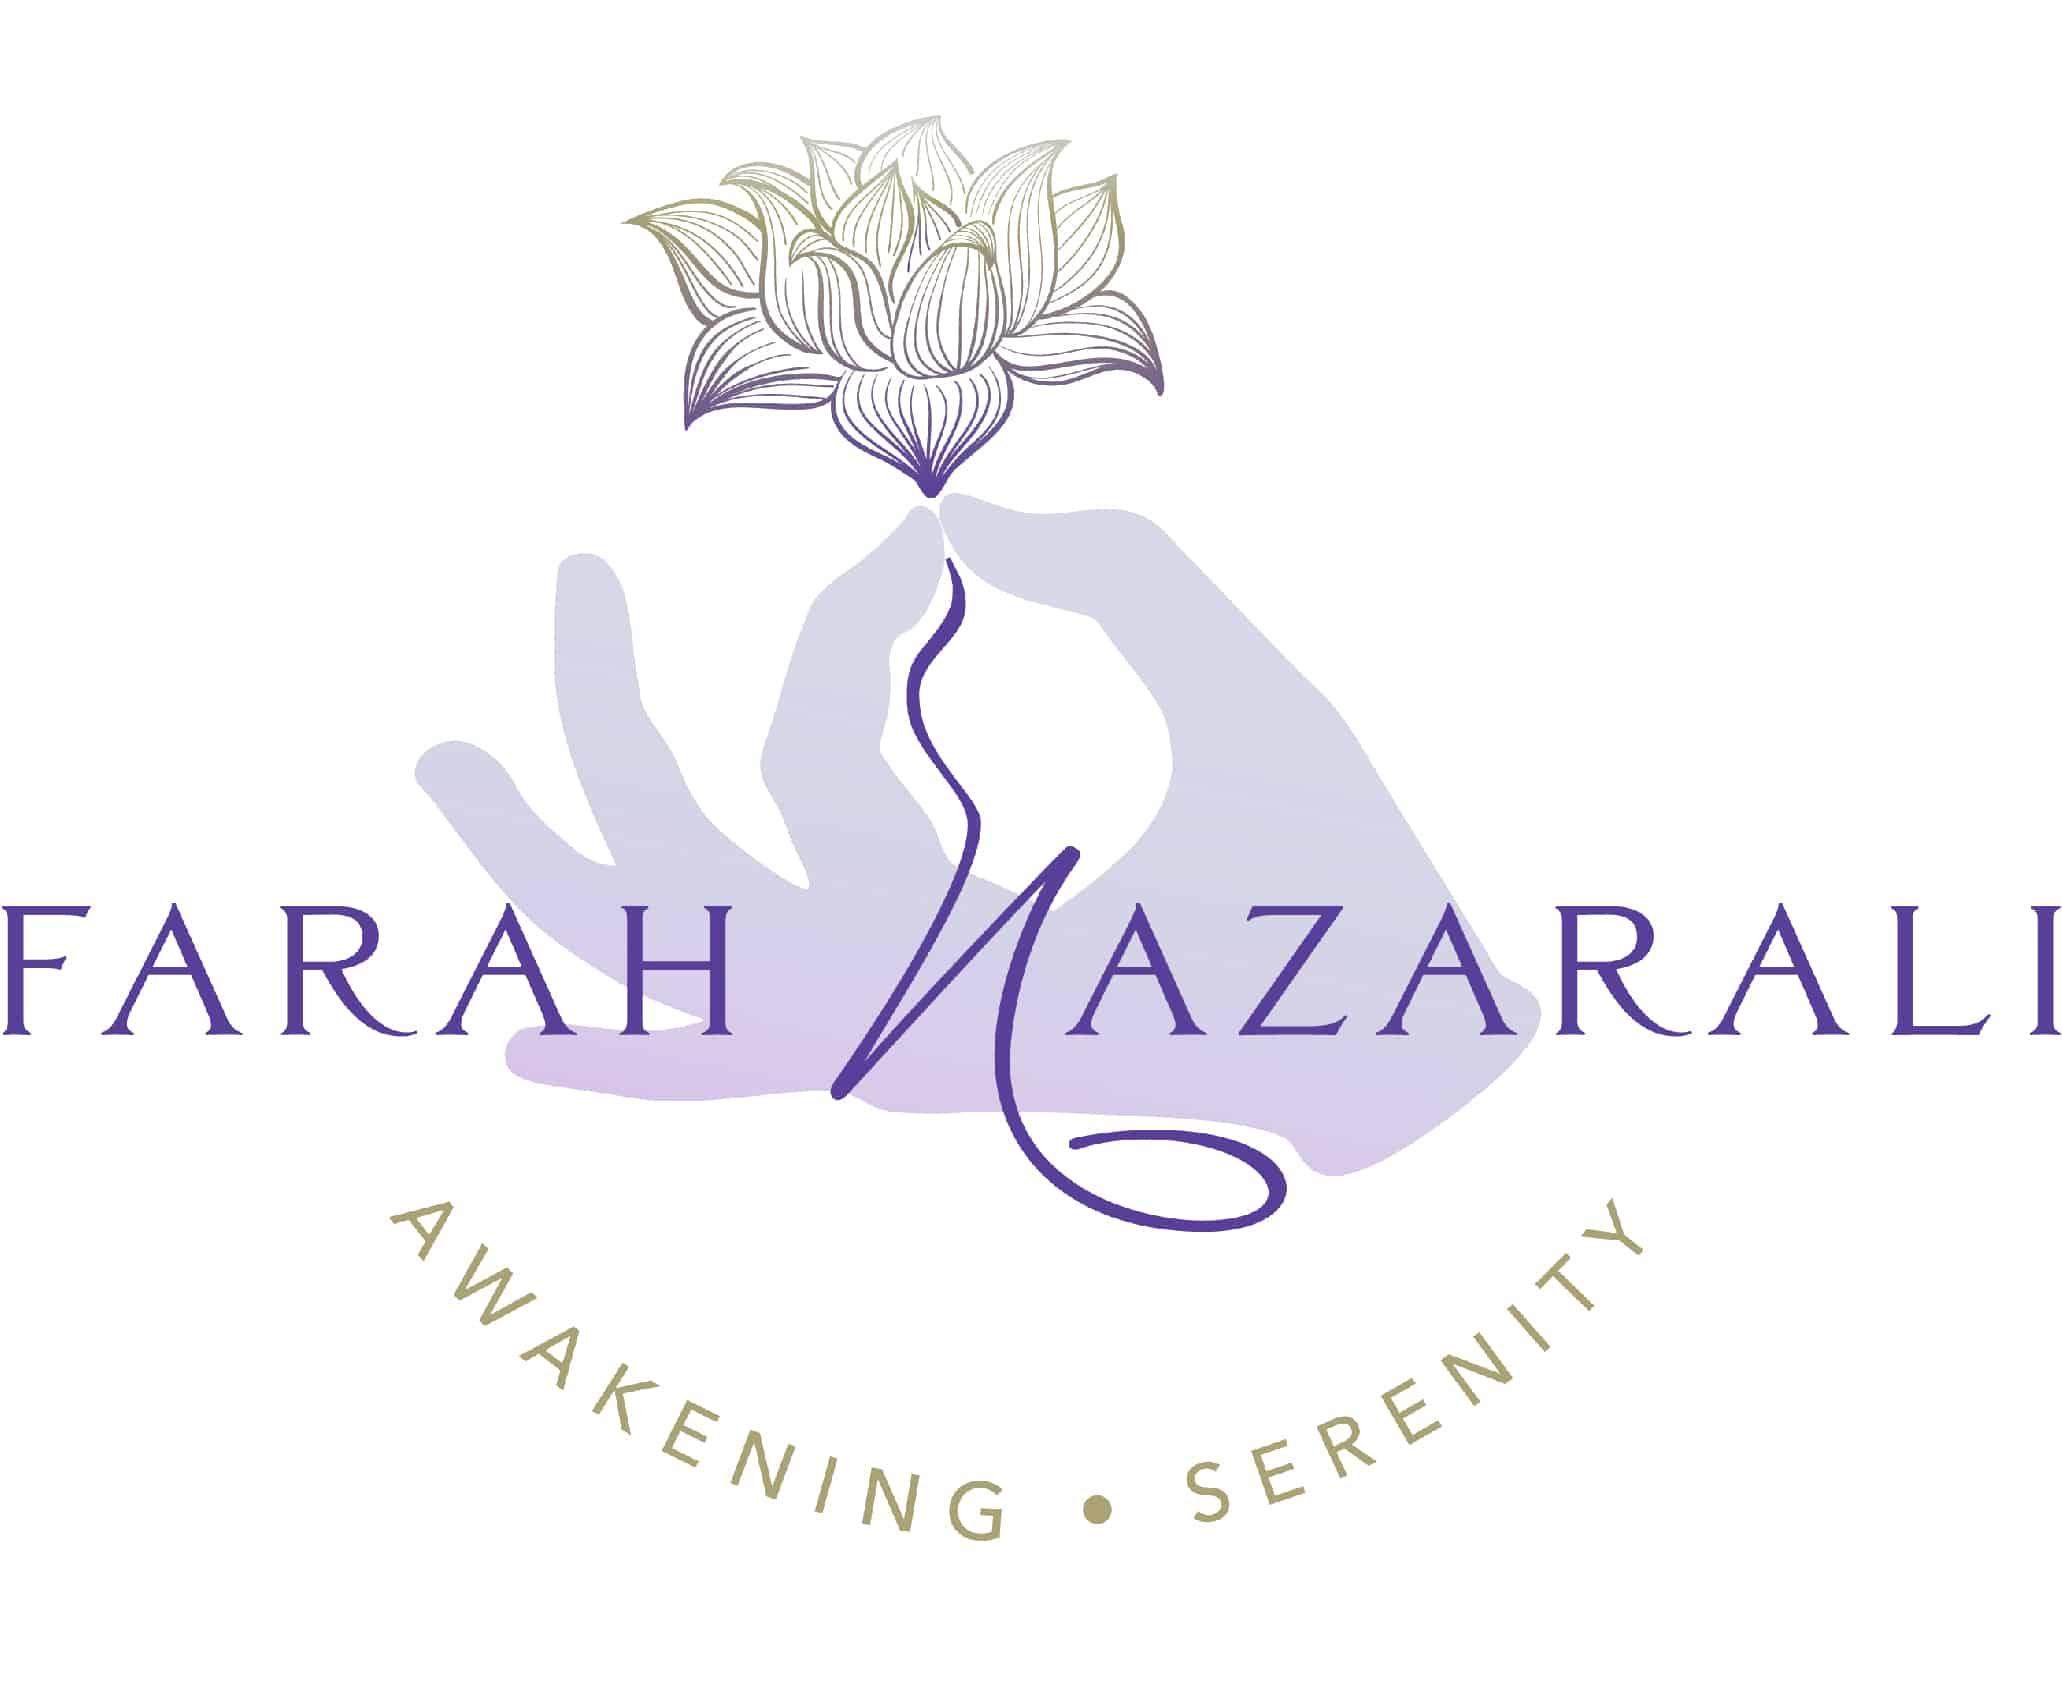 Farah Nazarali logo